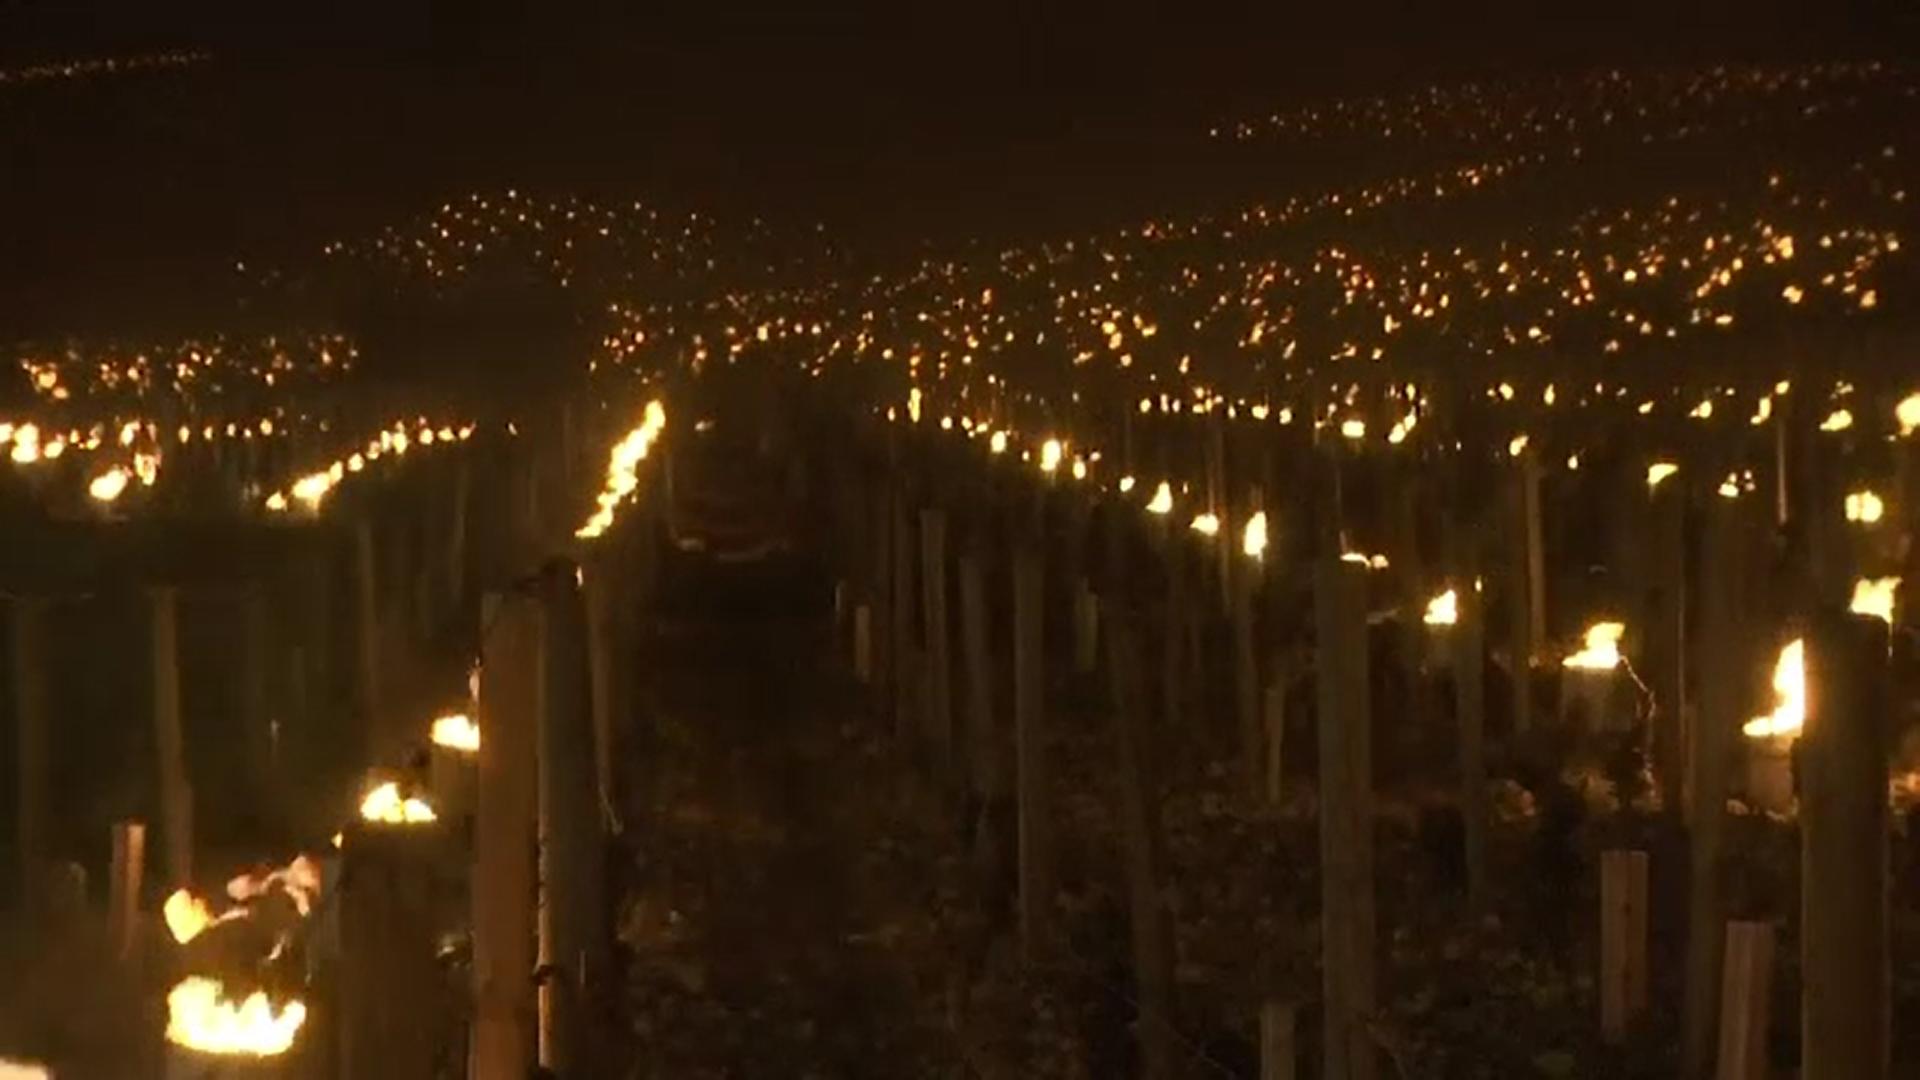 Viticultorii francezi au aprins focuri pentru a încerca să salveze producția de struguri din toamnă